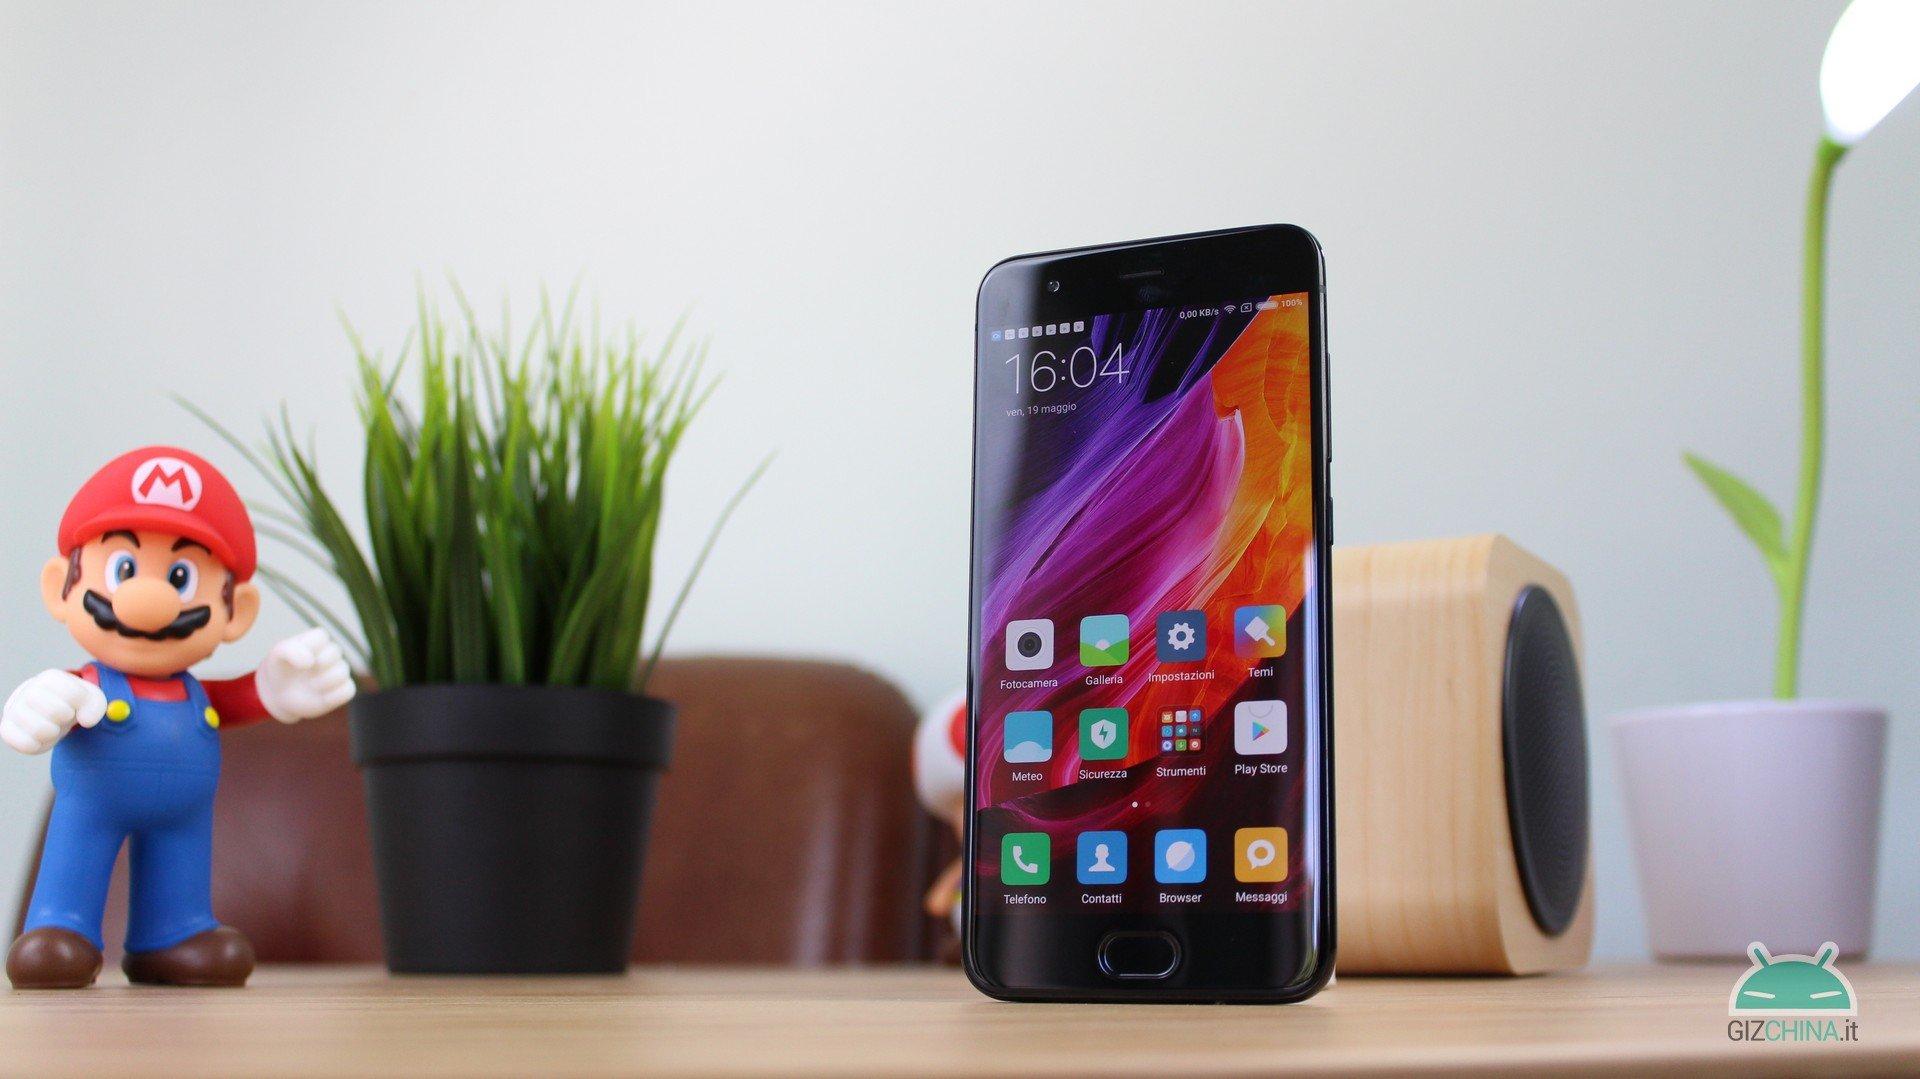 Los mejores teléfonos inteligentes entre 200 y 350 euro - Xiaomi Mi 6